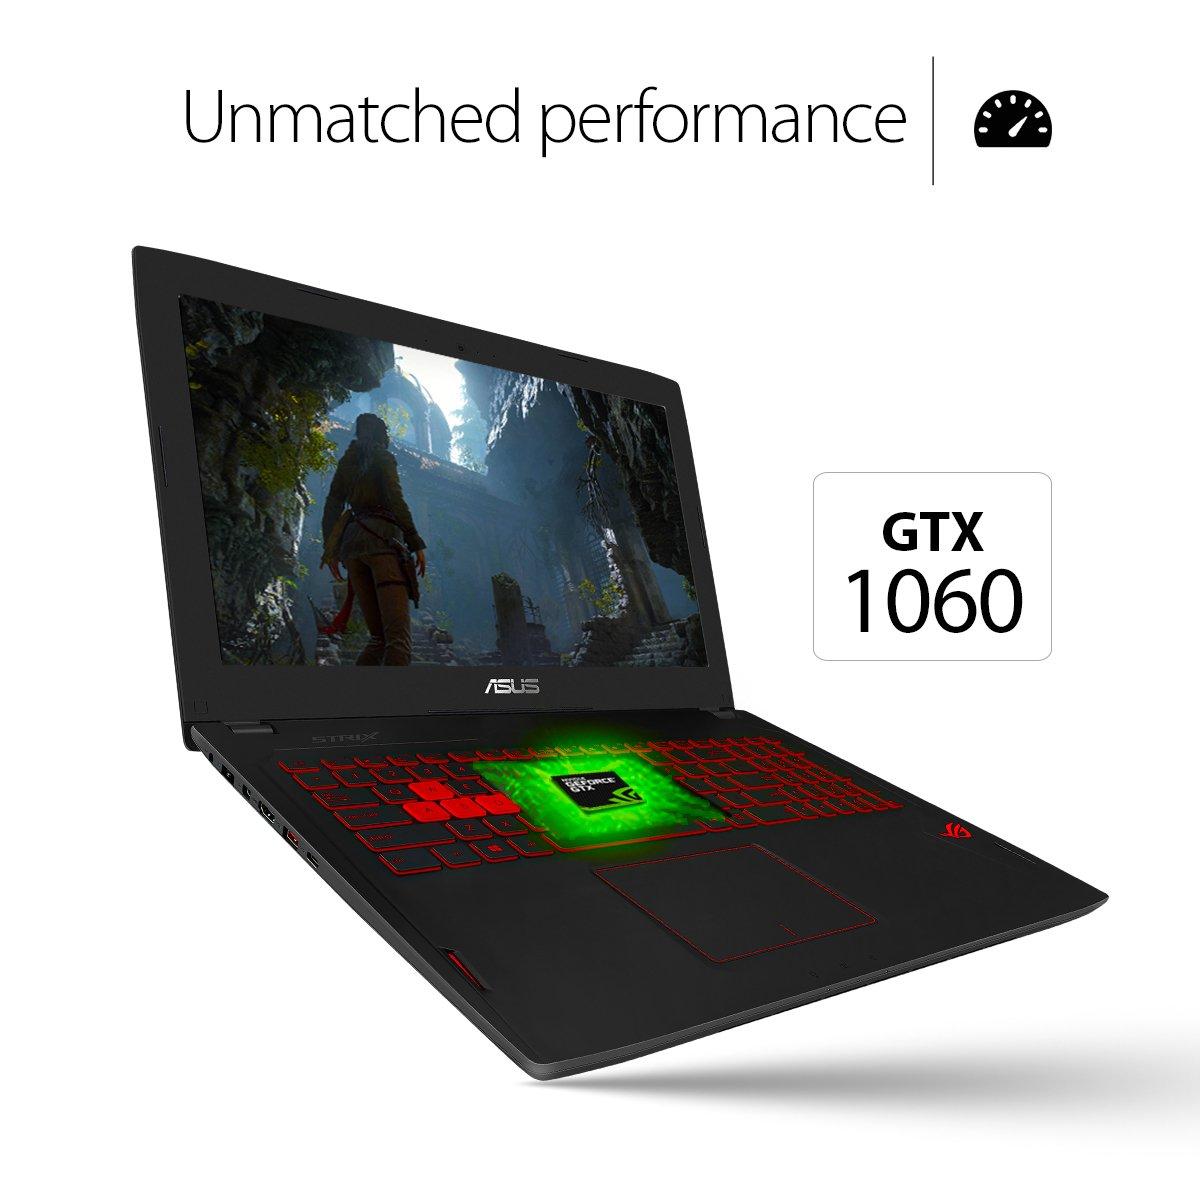 Asus ROG Strix 15,6 Pulgadas GSYNC VR Listo Core i7 2.6 GHz Delgado luz Gaming portátil [GL502VM] GeForce GTX 1060, DDR4 de 16GB, 256 GB SSD + 1TB HDD, ...